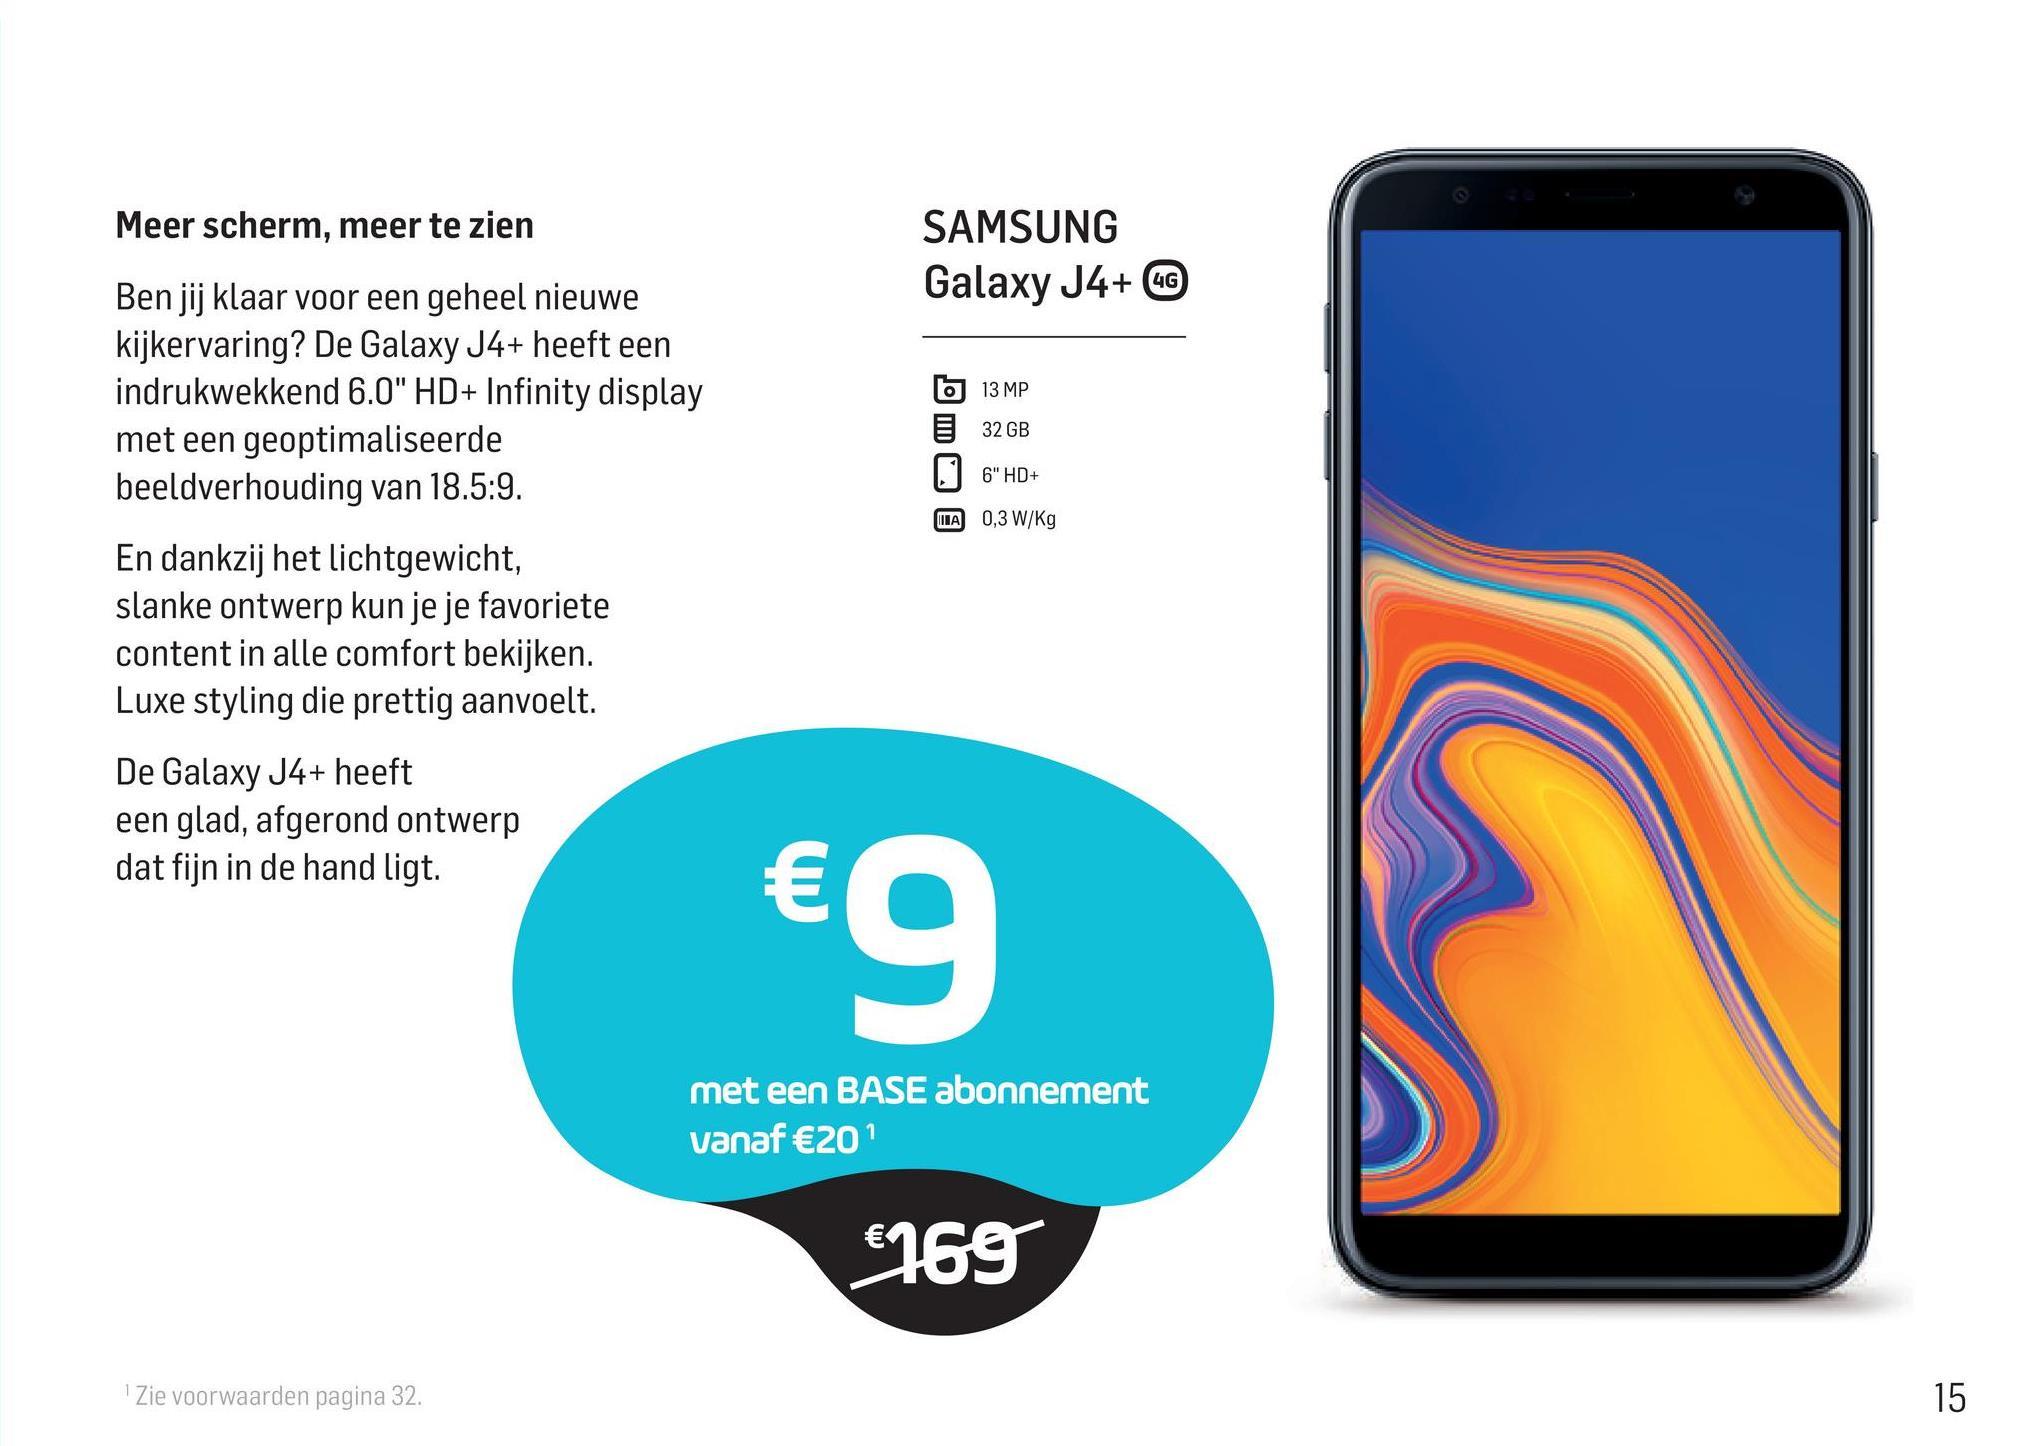 """Meer scherm, meer te zien SAMSUNG Galaxy J4+ 6C Ben jij klaar voor een geheel nieuwe kijkervaring? De Galaxy J4+ heeft een indrukwekkend 6.0"""" HD+ Infinity display met een geoptimaliseerde beeldverhouding van 18.5:9. 613 MP 32 GB 6"""" HD+ MA 0,3W/Kg En dankzij het lichtgewicht, slanke ontwerp kun je je favoriete content in alle comfort bekijken. Luxe styling die prettig aanvoelt. De Galaxy J4+ heeft een glad, afgerond ontwerp dat fijn in de hand ligt. €g met een BASE abonnement vanaf €20 €769 Zie voorwaarden pagina 32. 15"""